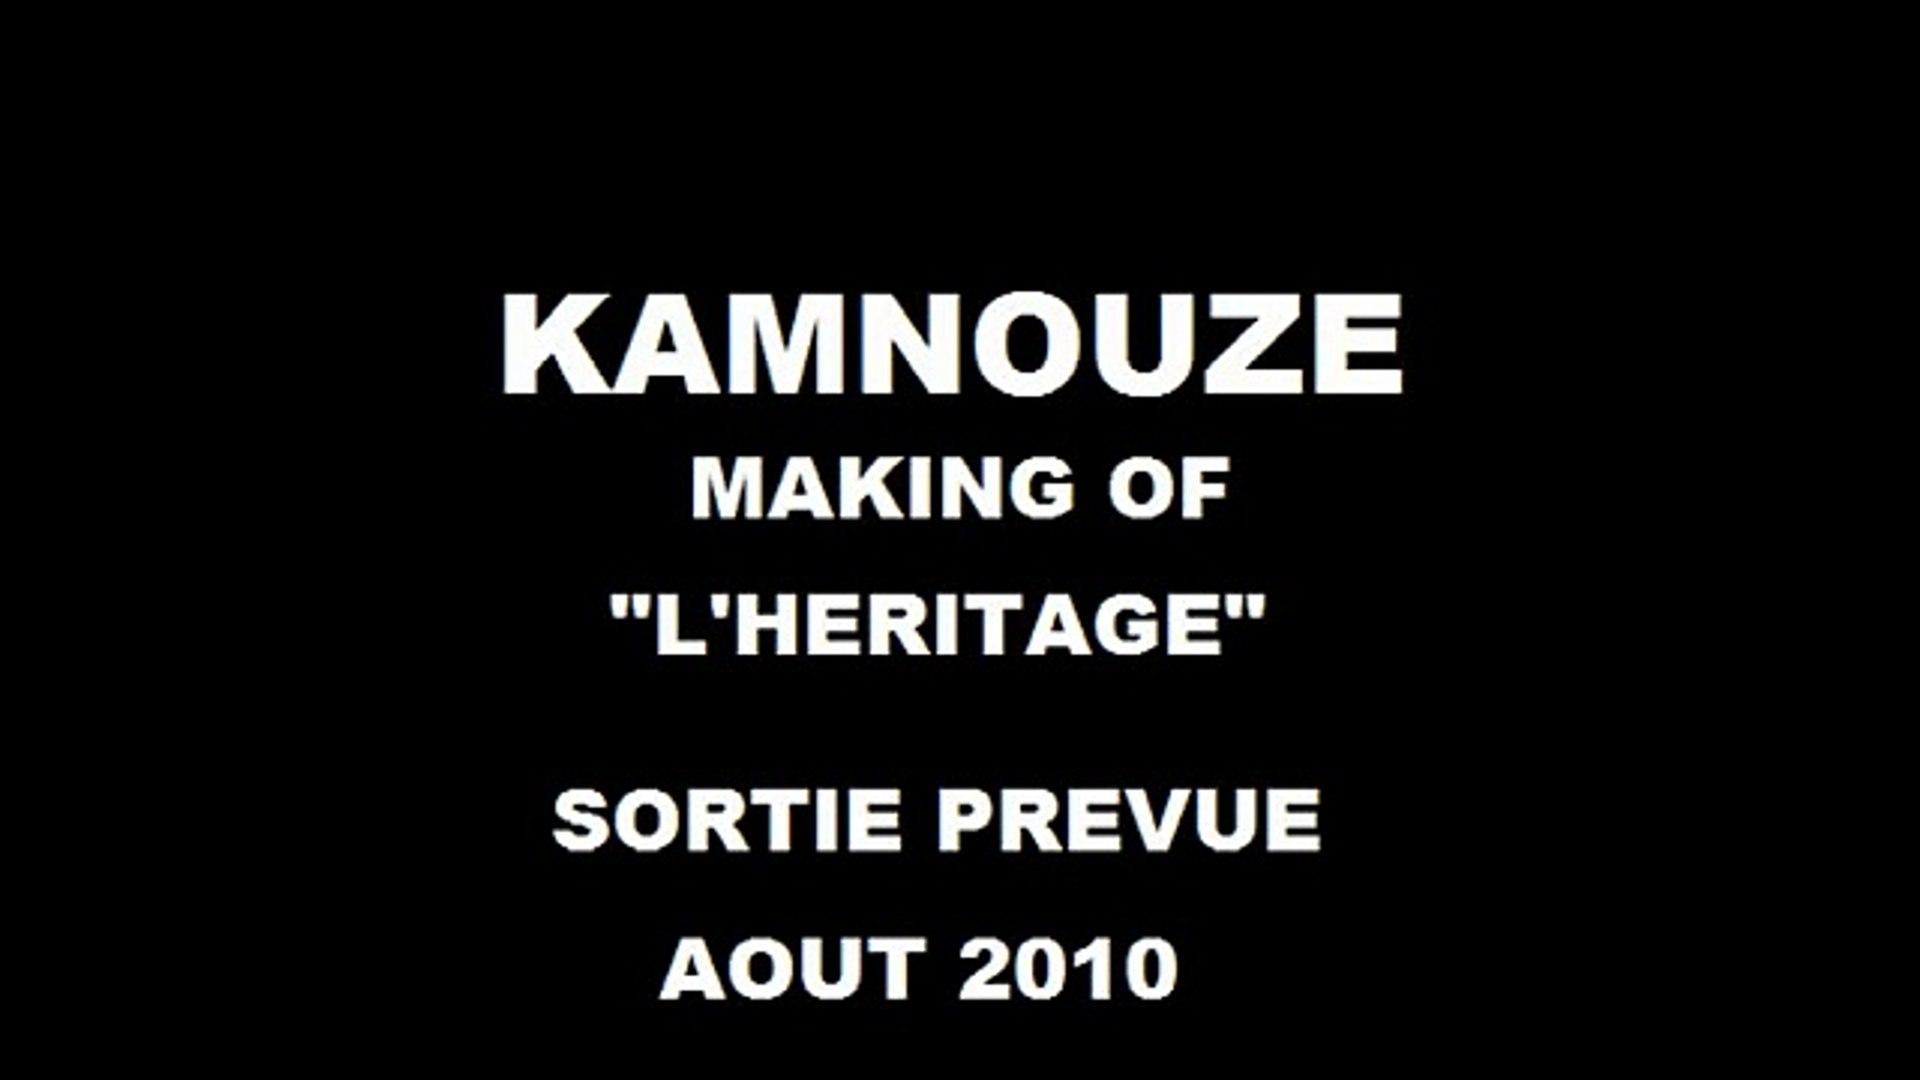 L'Heritage - episode 1